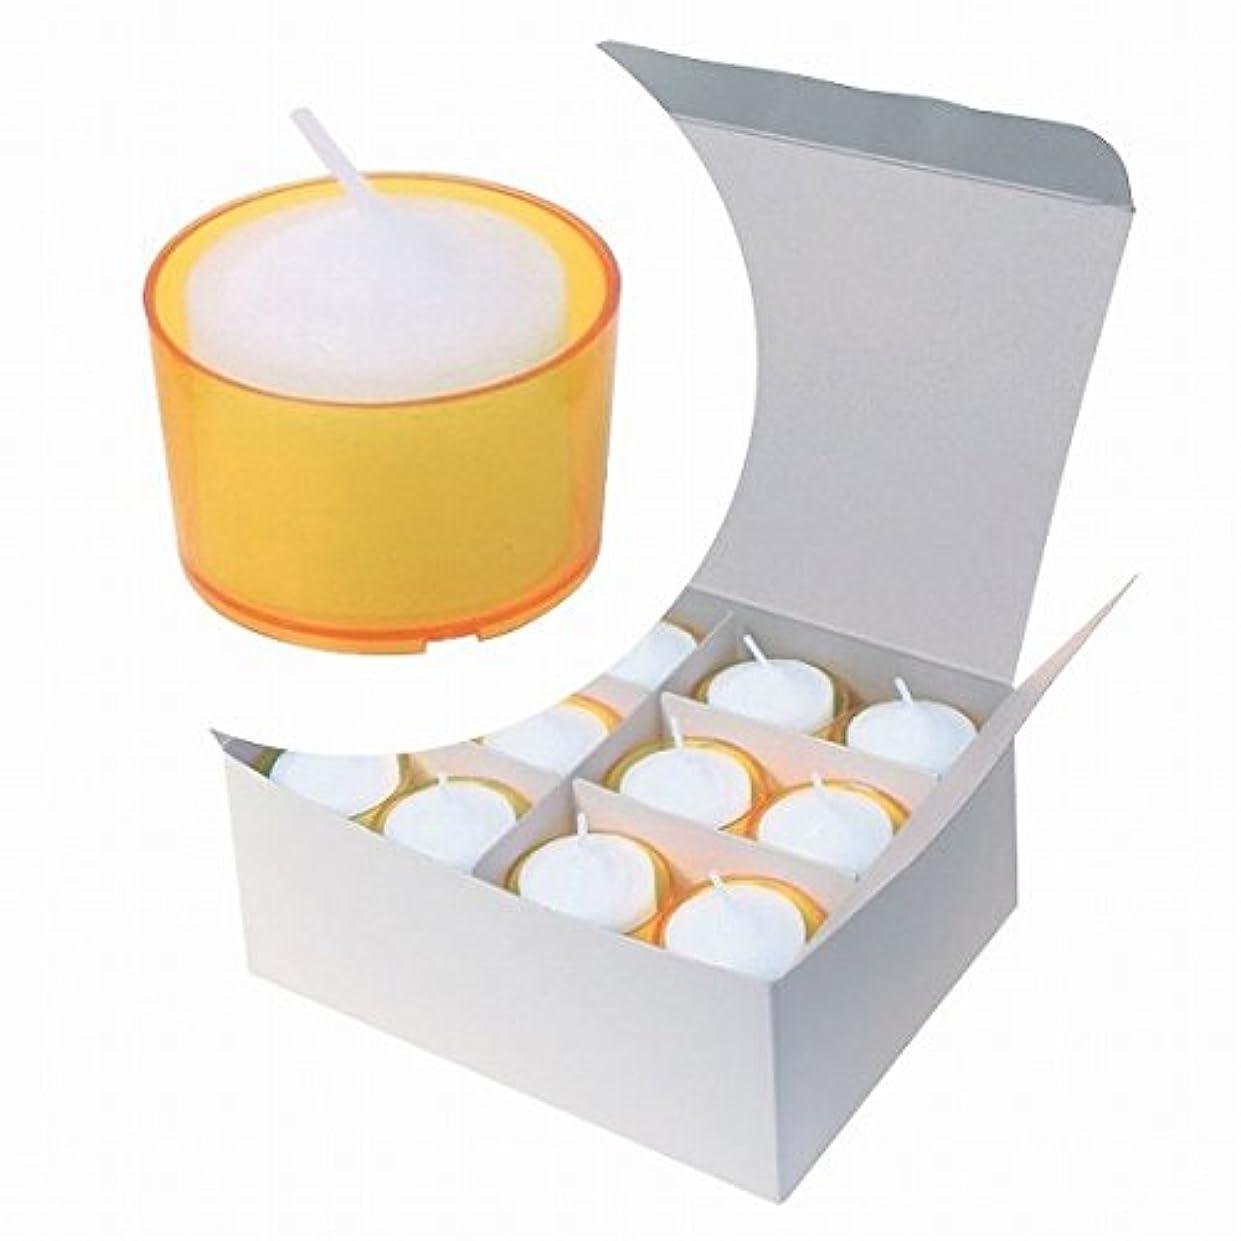 記念品苦痛睡眠カメヤマキャンドル( kameyama candle ) カラークリアカップボーティブ6時間タイプ 24個入り 「 イエロー 」